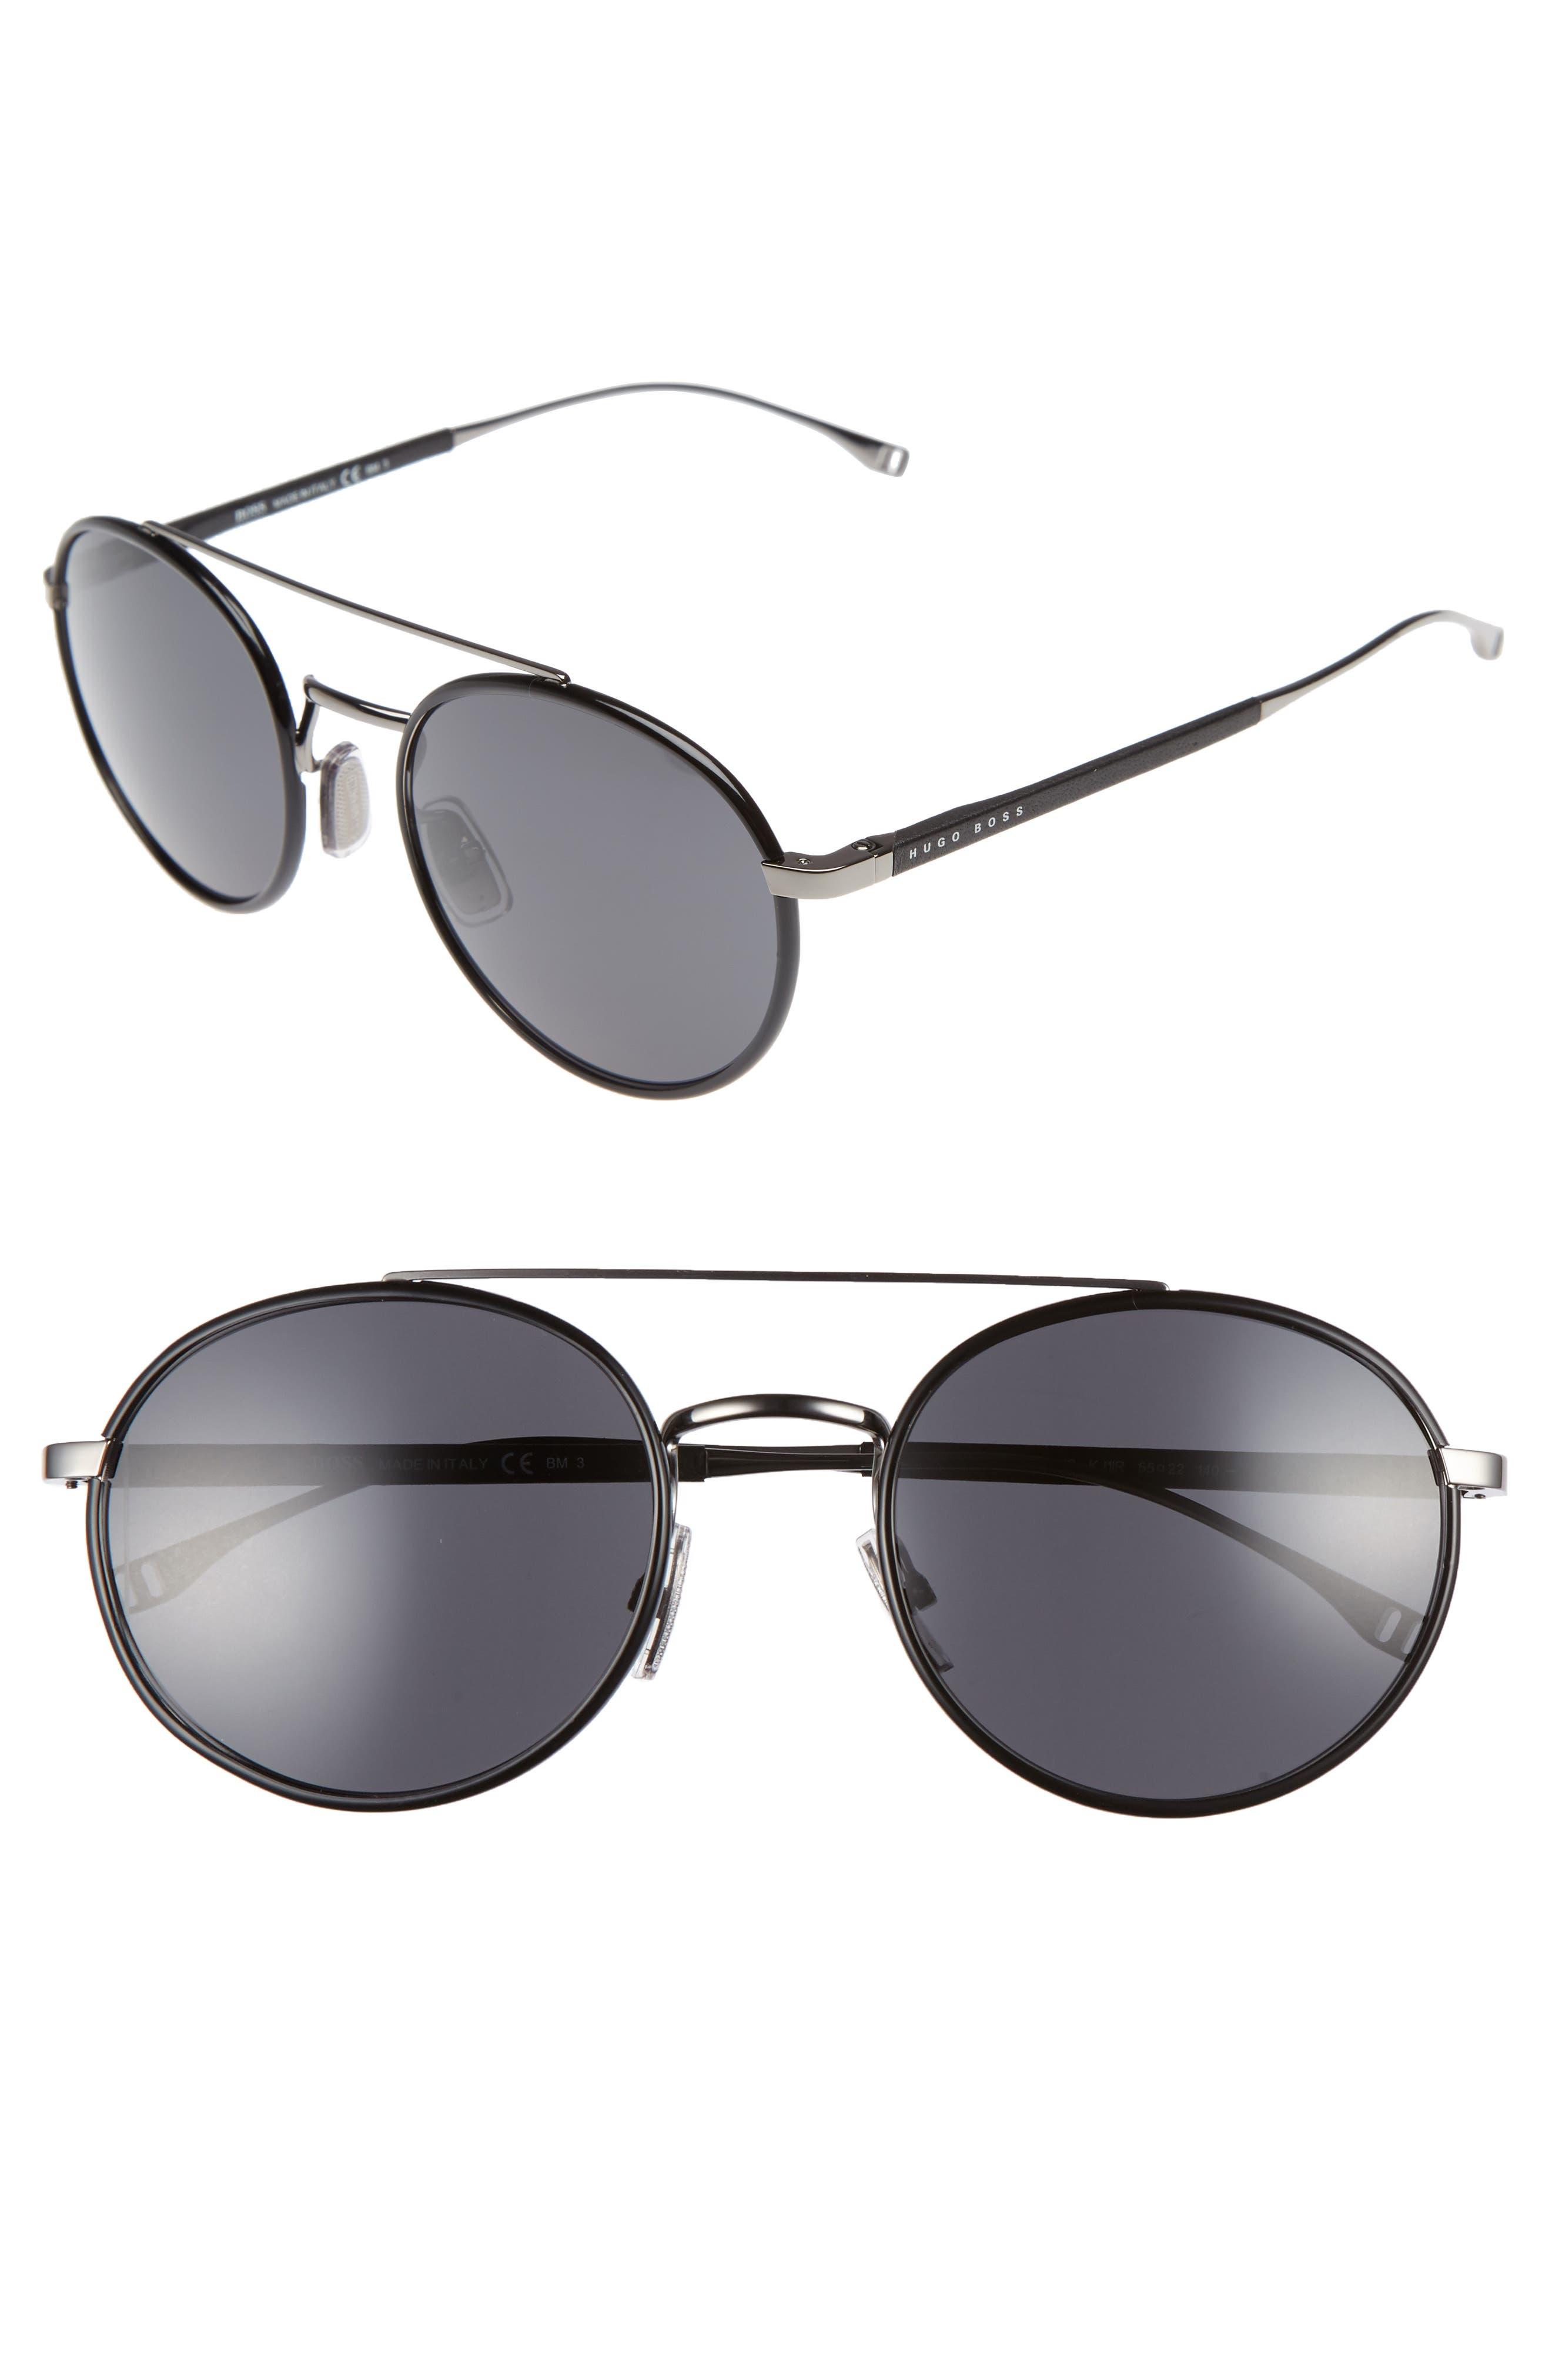 BOSS 55mm Round Sunglasses